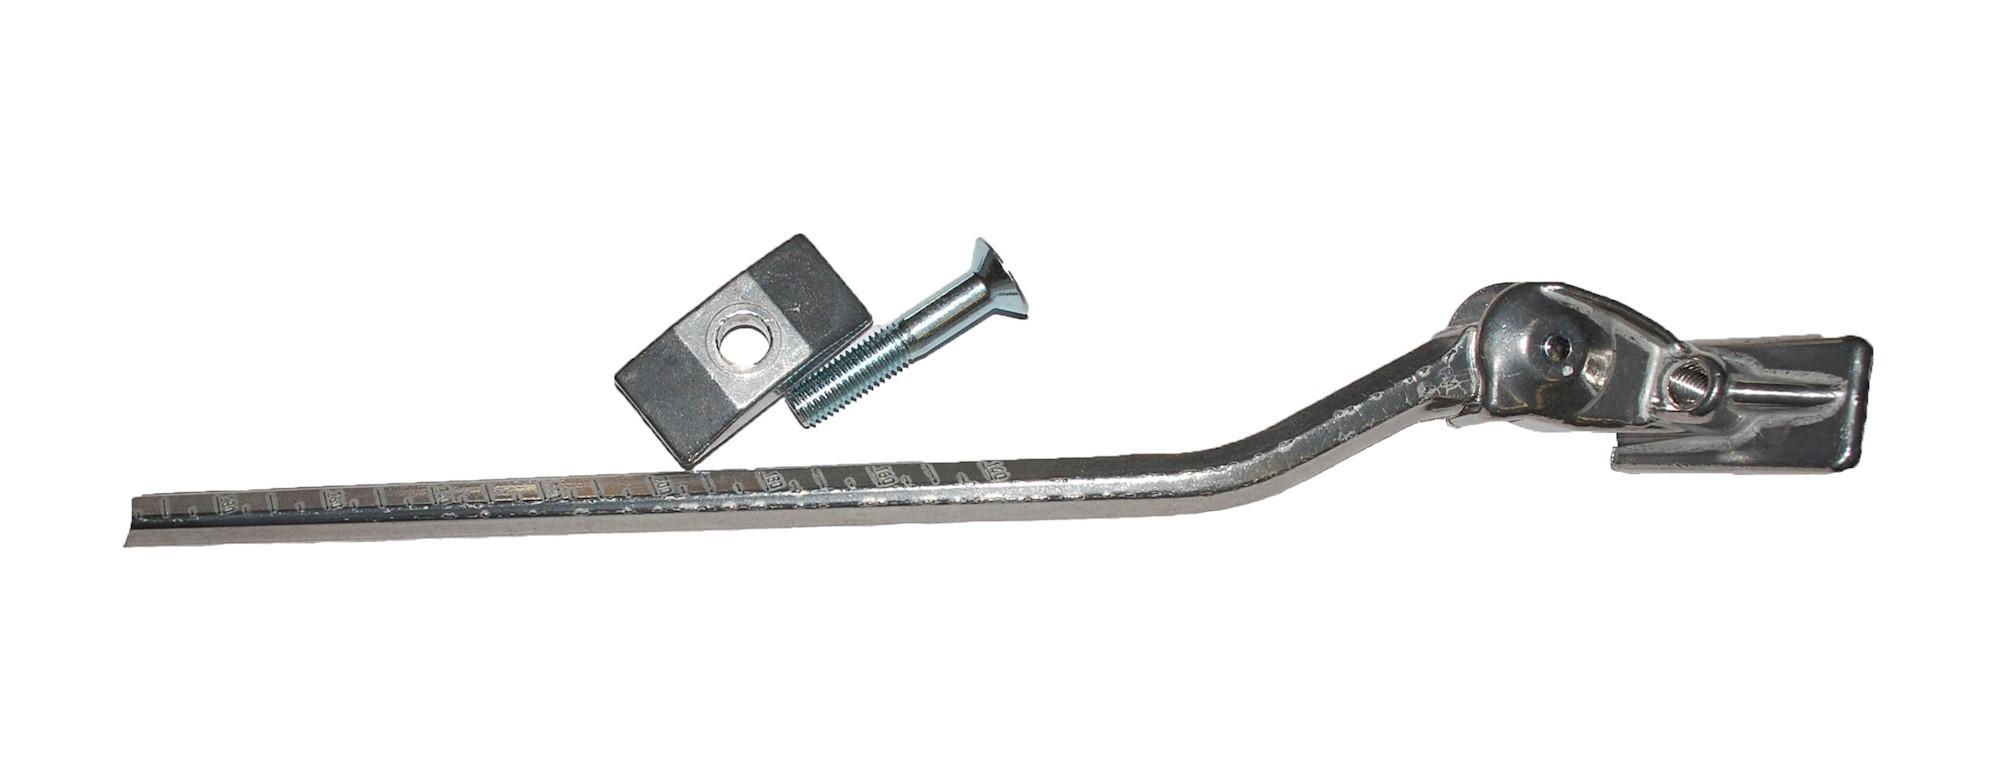 Støtteben ESGE Universal 295 mm bred beslag - sølv - 0335010 | Stands